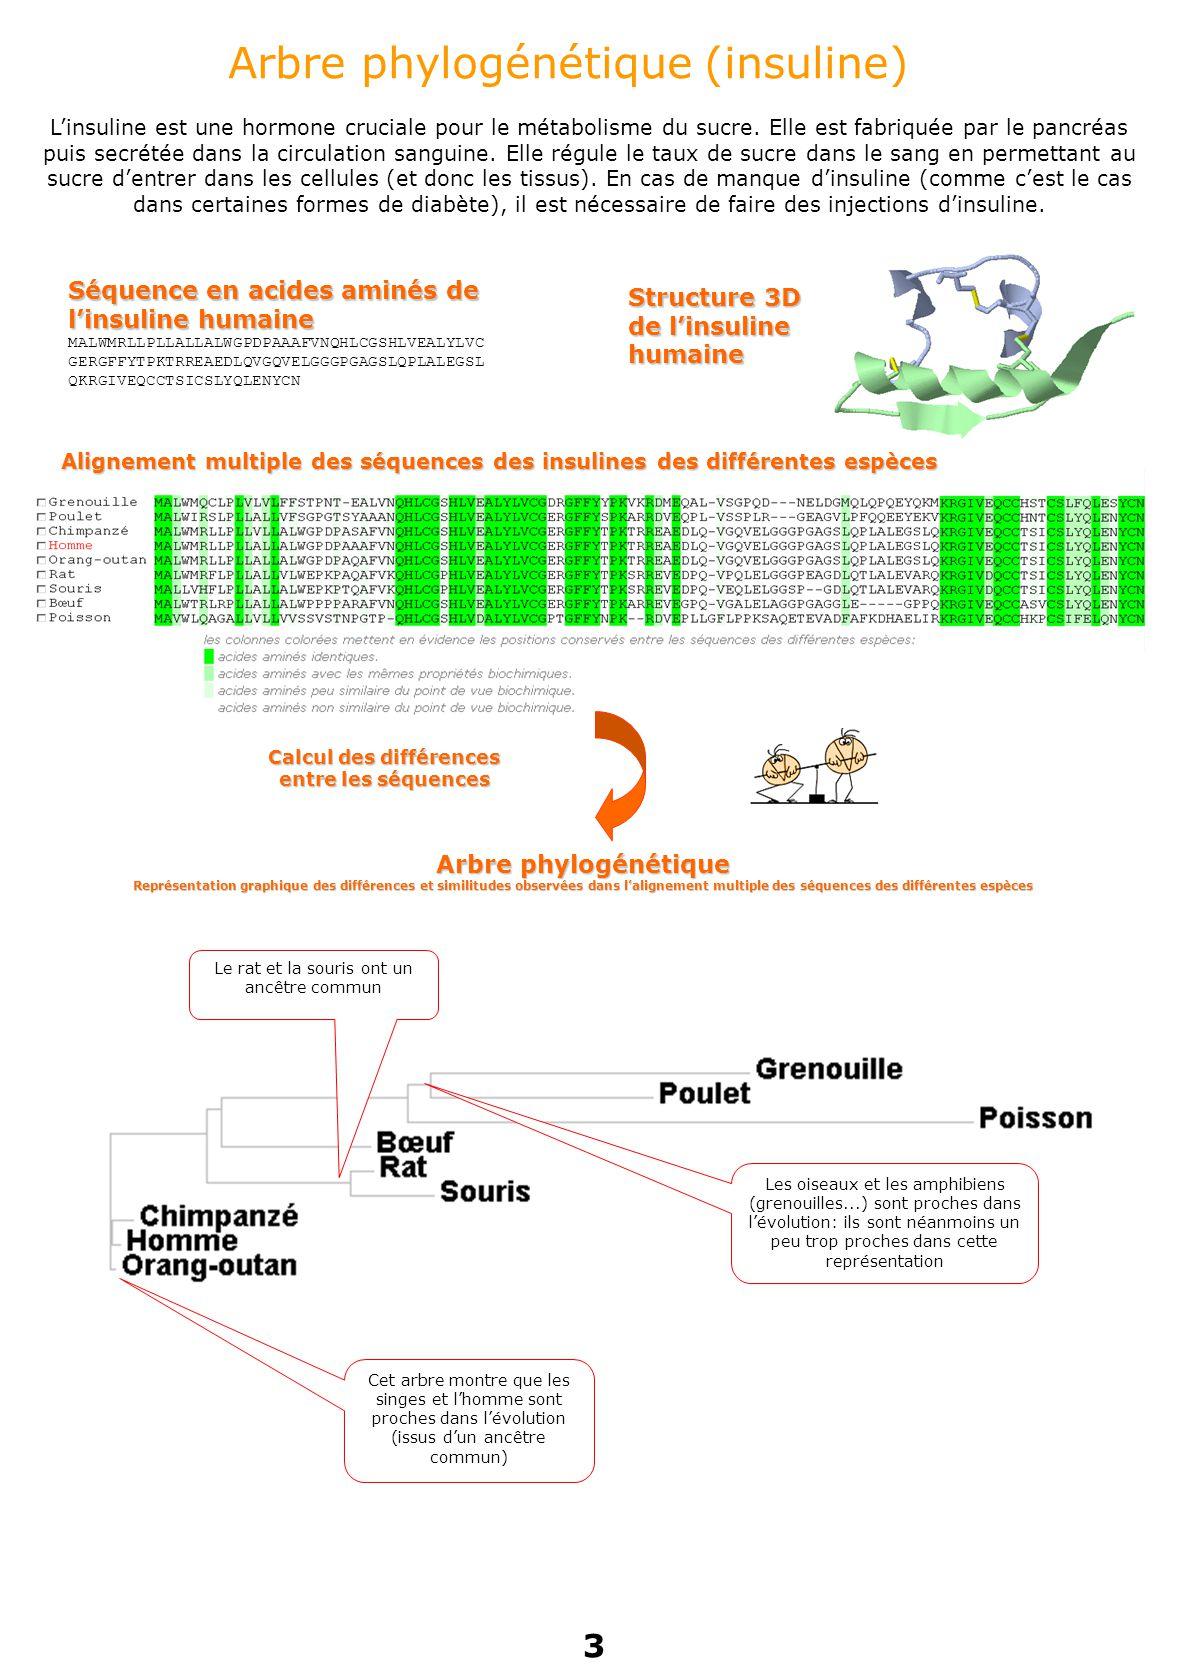 Arbre phylogénétique (insuline) Séquence en acides aminés de l'insuline humaine MALWMRLLPLLALLALWGPDPAAAFVNQHLCGSHLVEALYLVC GERGFFYTPKTRREAEDLQVGQVELGGGPGAGSLQPLALEGSL QKRGIVEQCCTSICSLYQLENYCN Structure 3D de l'insuline humaine Cet arbre montre que les singes et l'homme sont proches dans l'évolution (issus d'un ancêtre commun) Le rat et la souris ont un ancêtre commun Les oiseaux et les amphibiens (grenouilles...) sont proches dans l'évolution: ils sont néanmoins un peu trop proches dans cette représentation Alignement multiple des séquences des insulines des différentes espèces Calcul des différences entre les séquences Arbre phylogénétique Représentation graphique des différences et similitudes observées dans l'alignement multiple des séquences des différentes espèces L'insuline est une hormone cruciale pour le métabolisme du sucre.